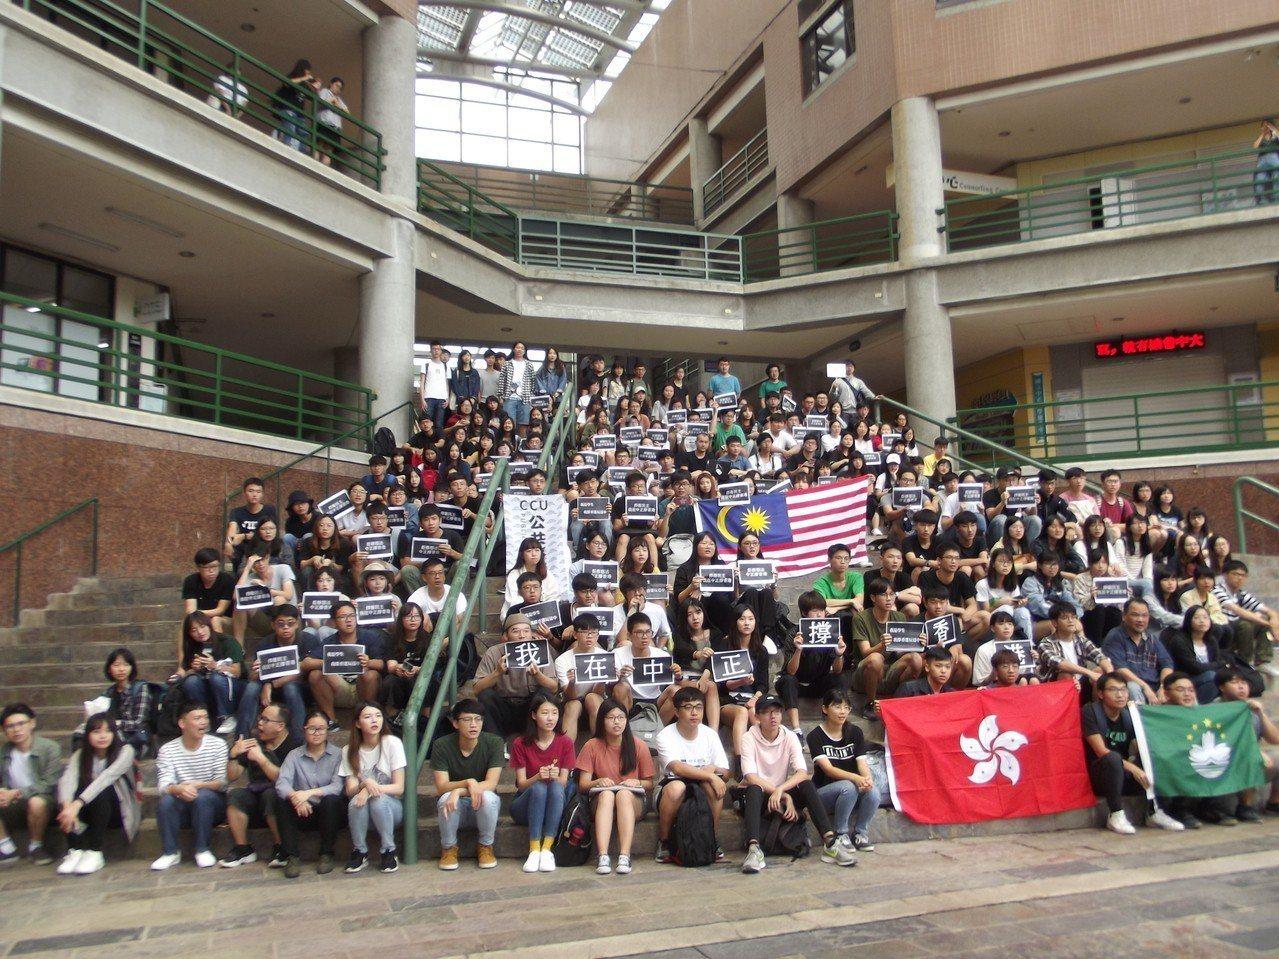 中正大學的學生社團發起聲援香港取民主「捍衛民主,我在中正撐香港」。記者謝恩得/攝...